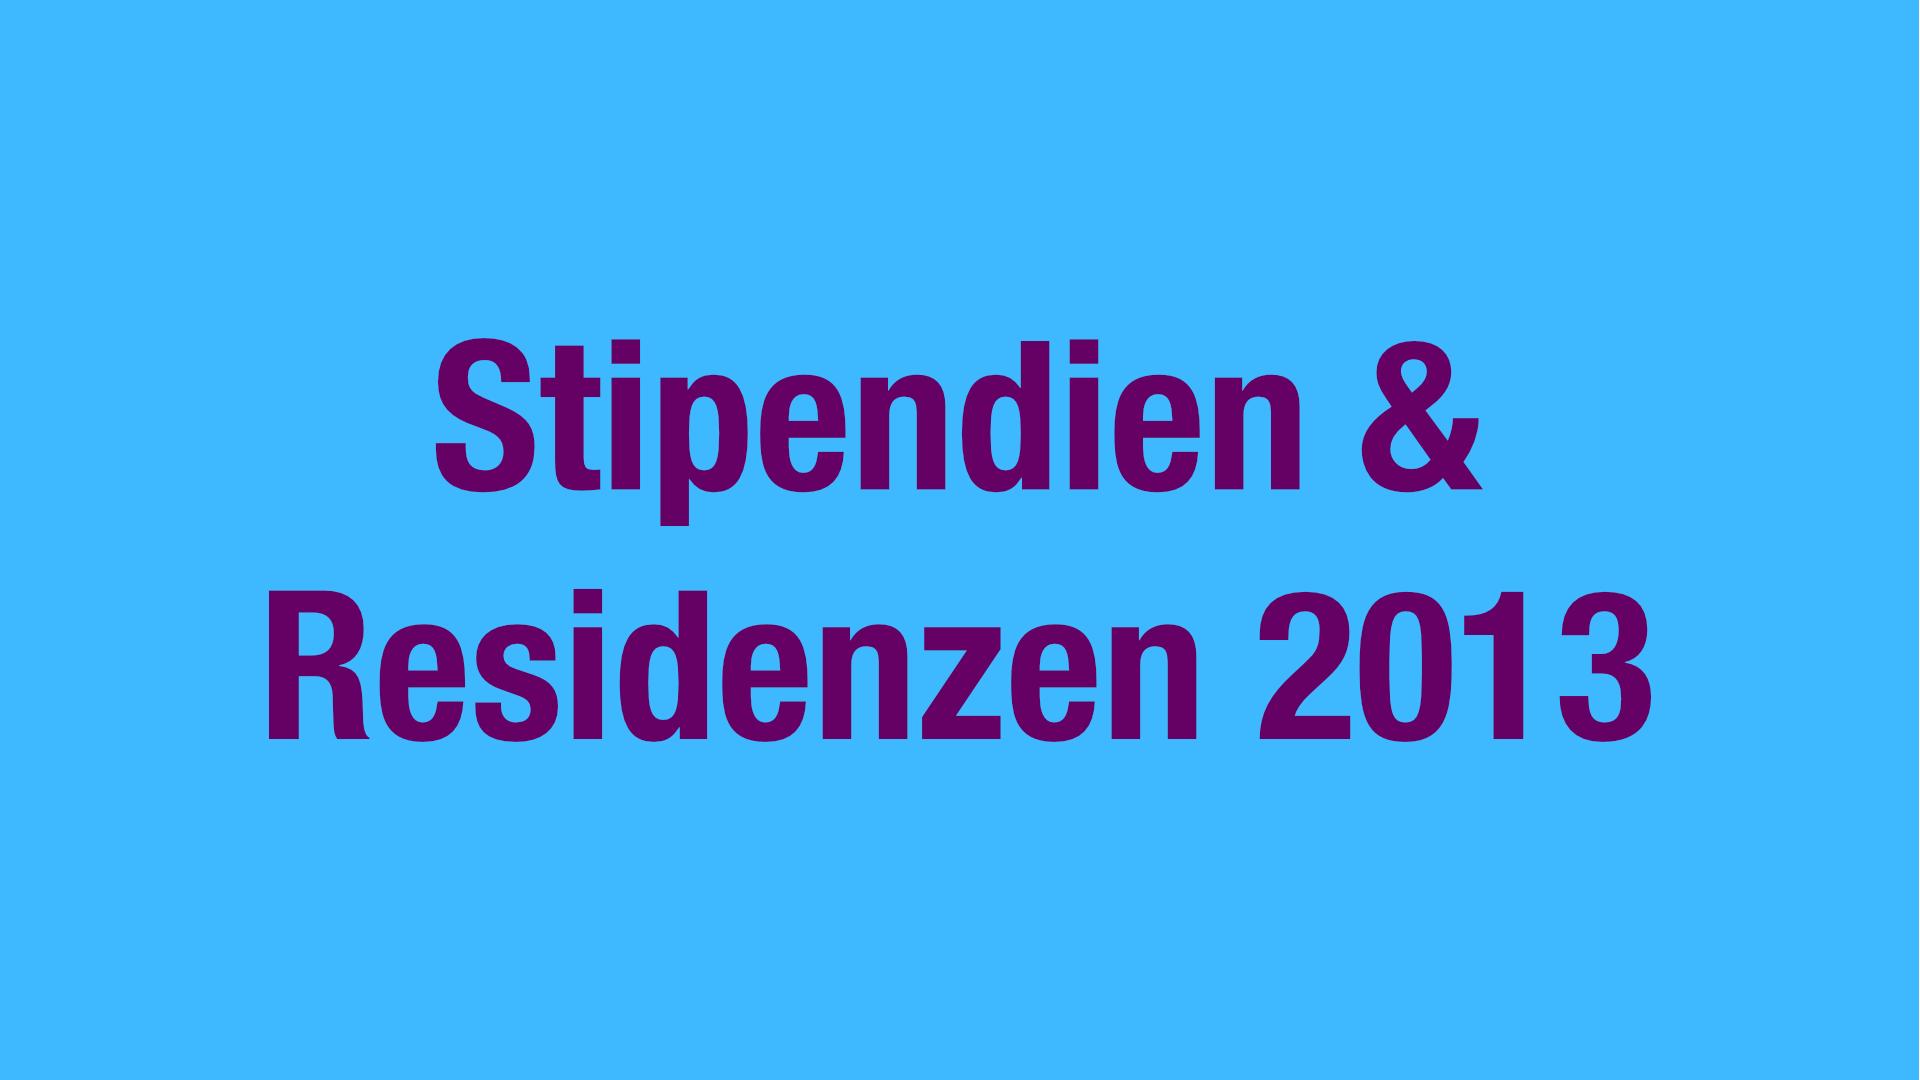 Stipendien und Residenzen 2013